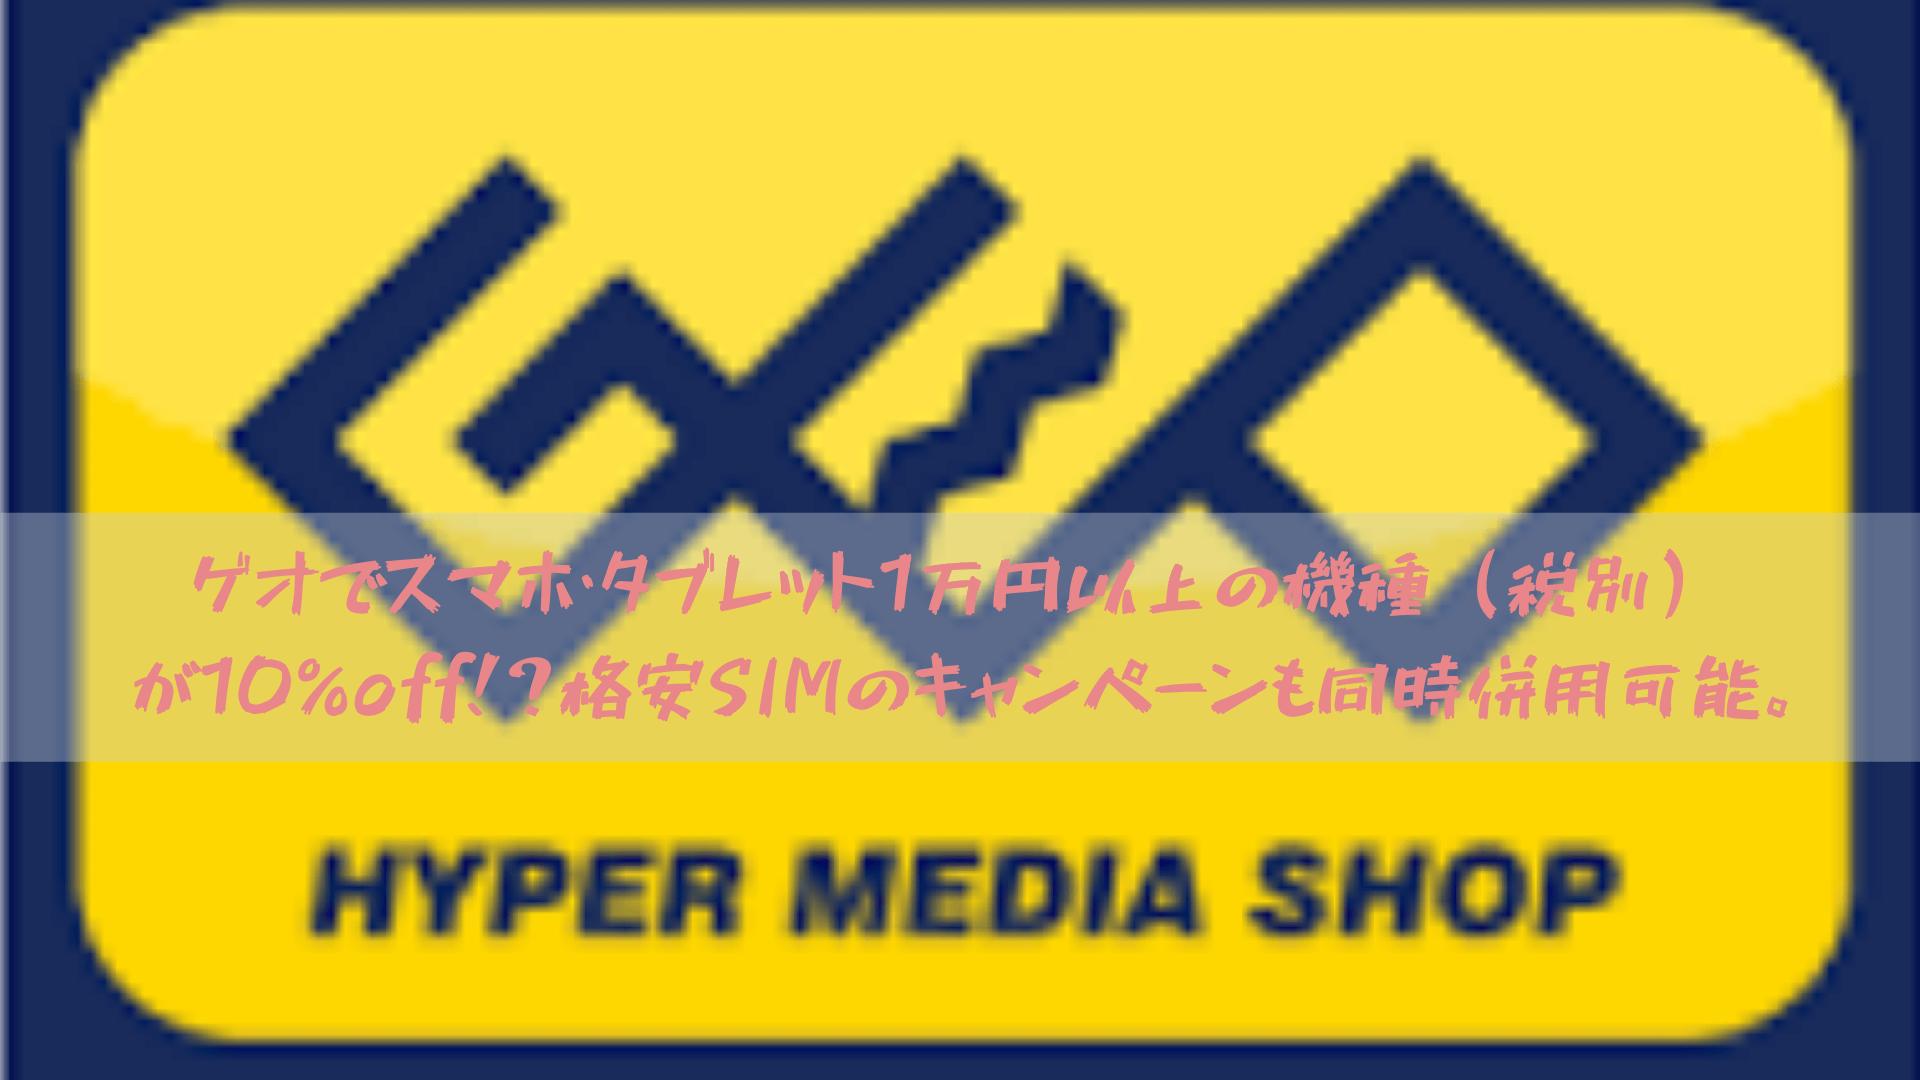 ゲオでスマホ・タブレット1万円以上の機種(税別)が10%off!?格安SIMのキャンペーンも同時併用可能。